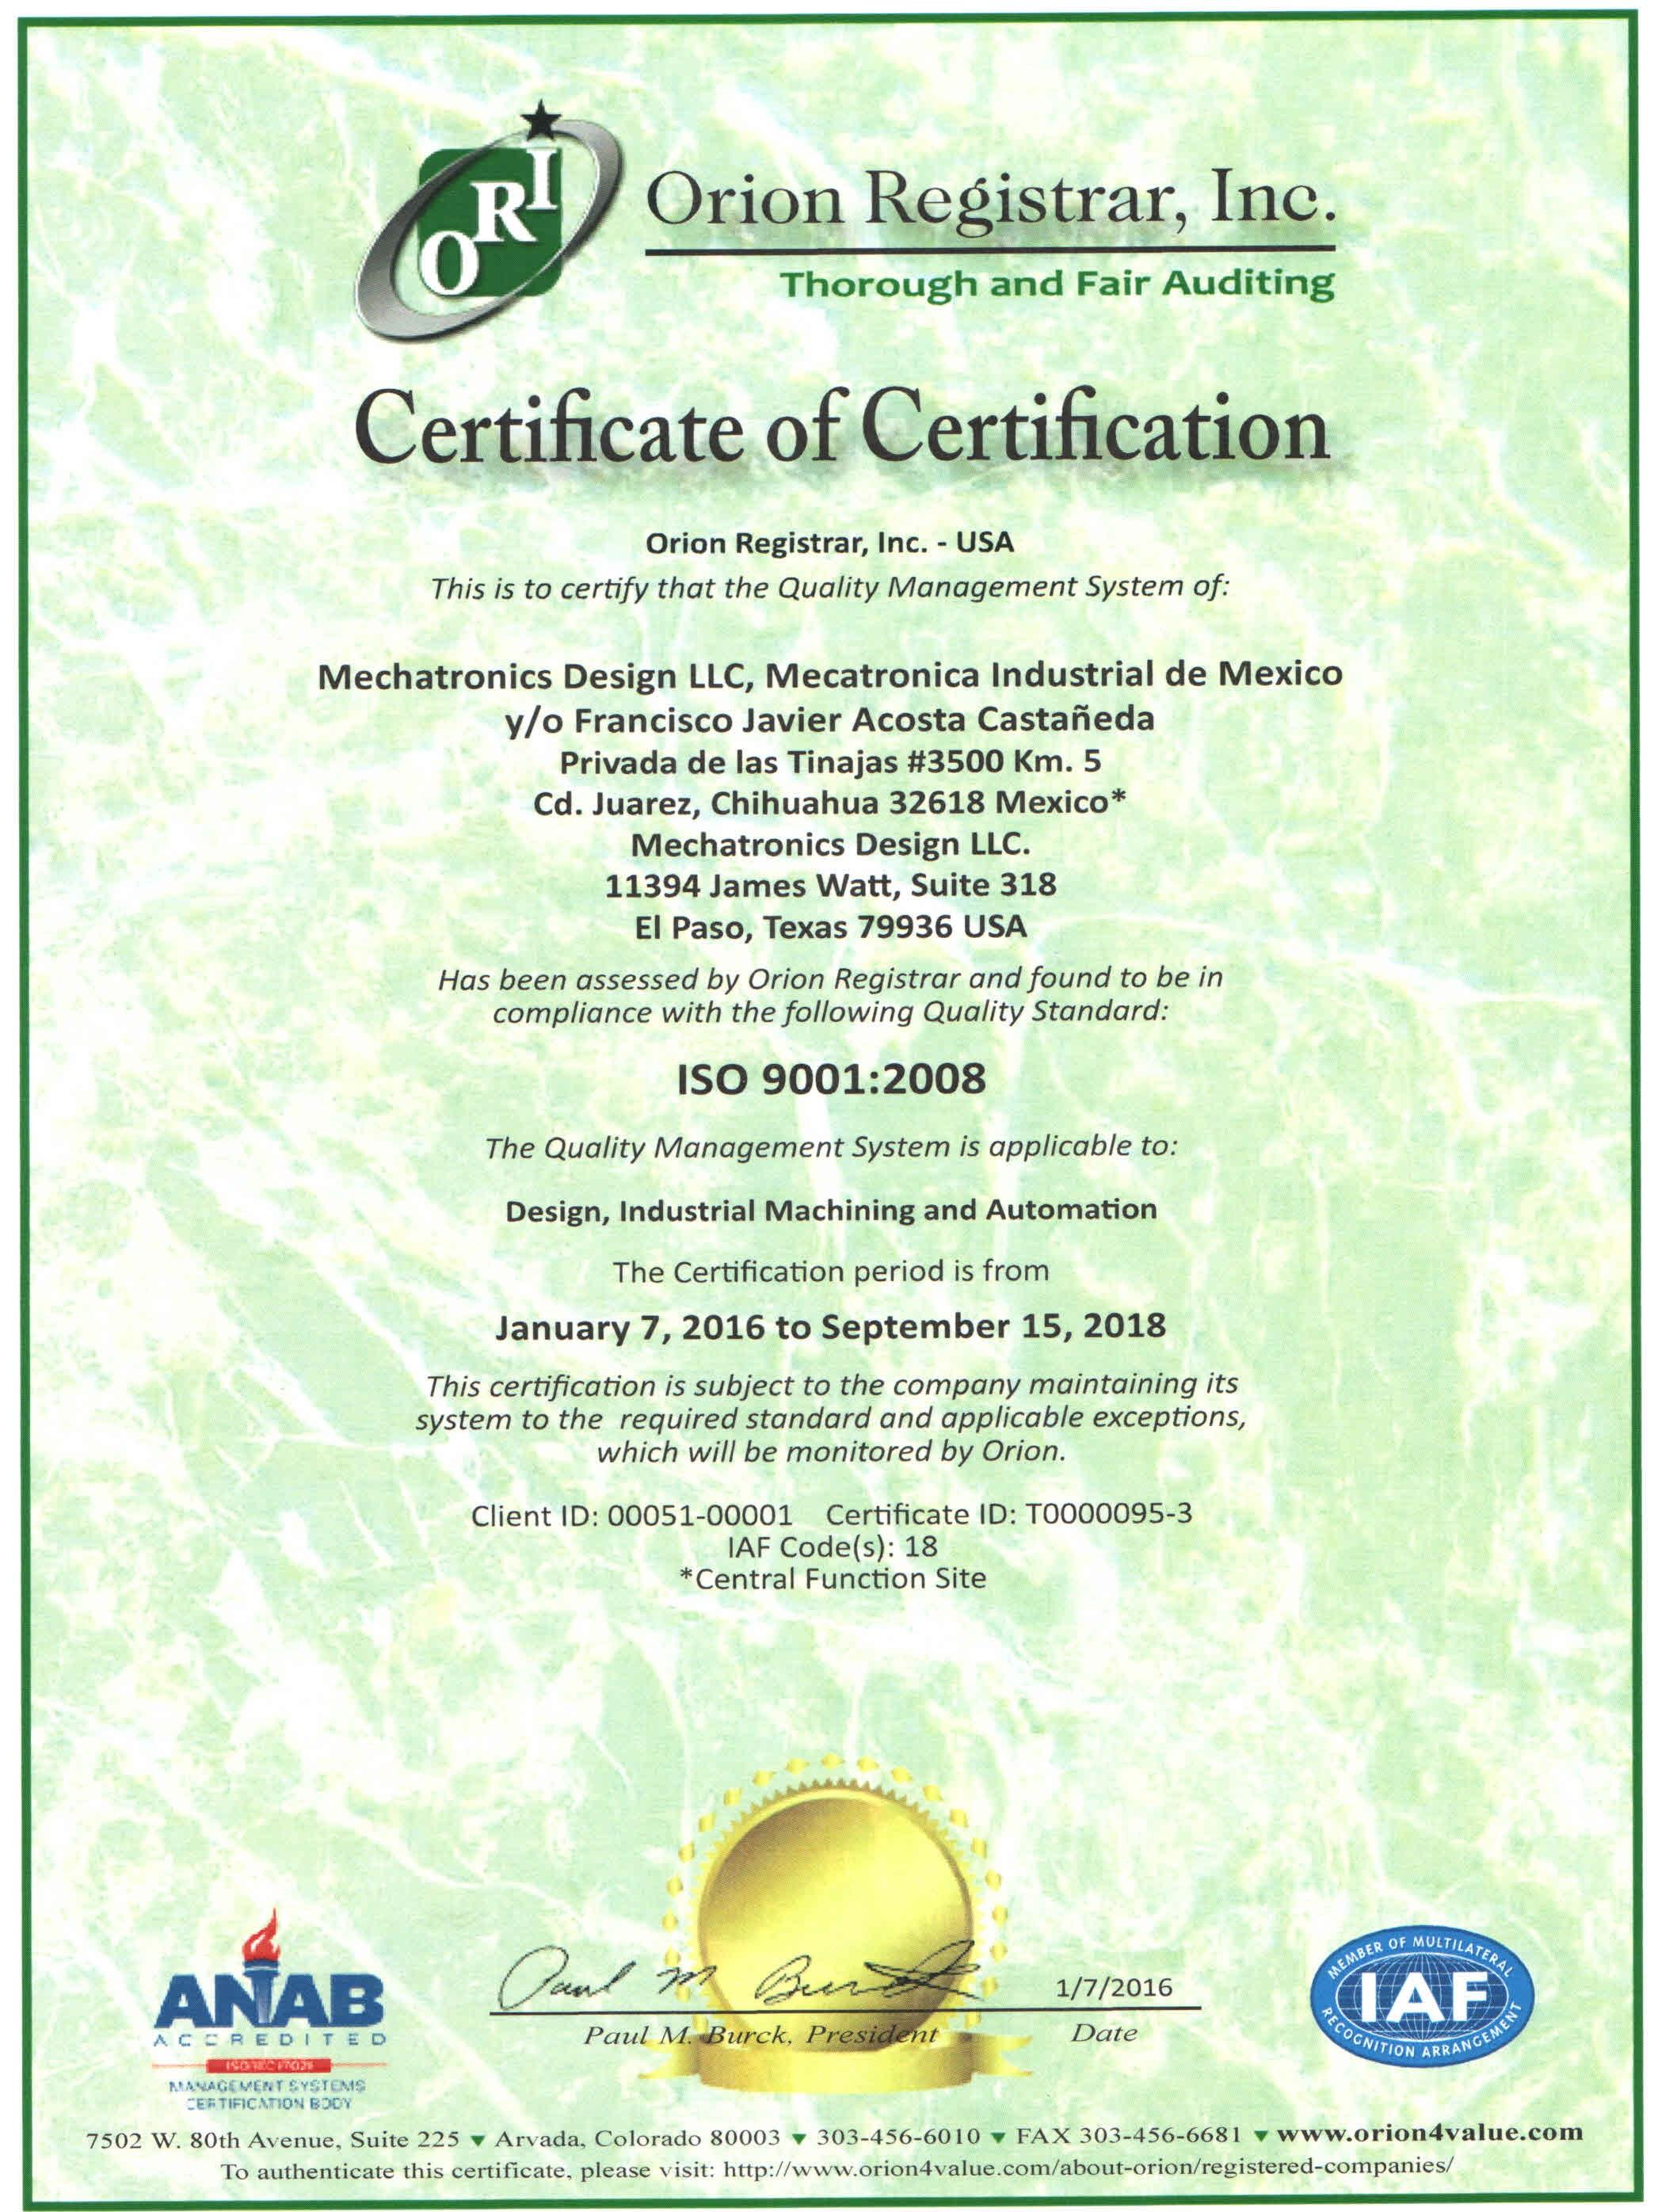 Certificado de ISO 9001 2008_2016-2018